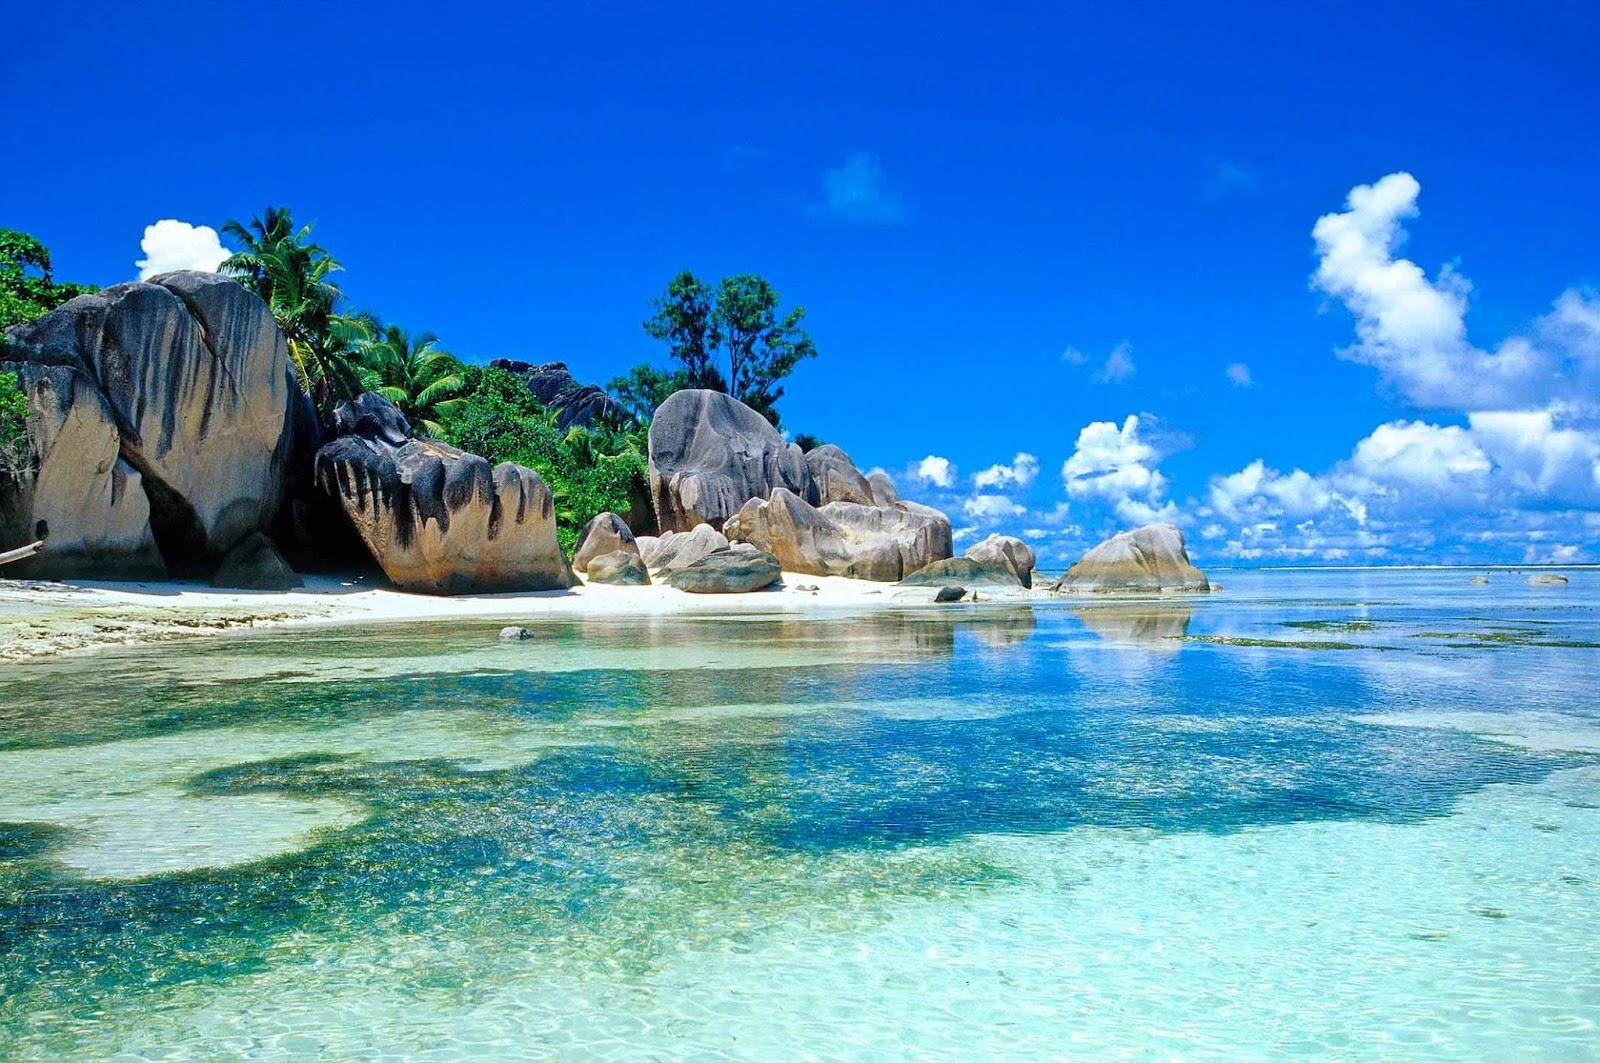 Seychelles Beach Wallpaper Desktop HD 1600 X 1063